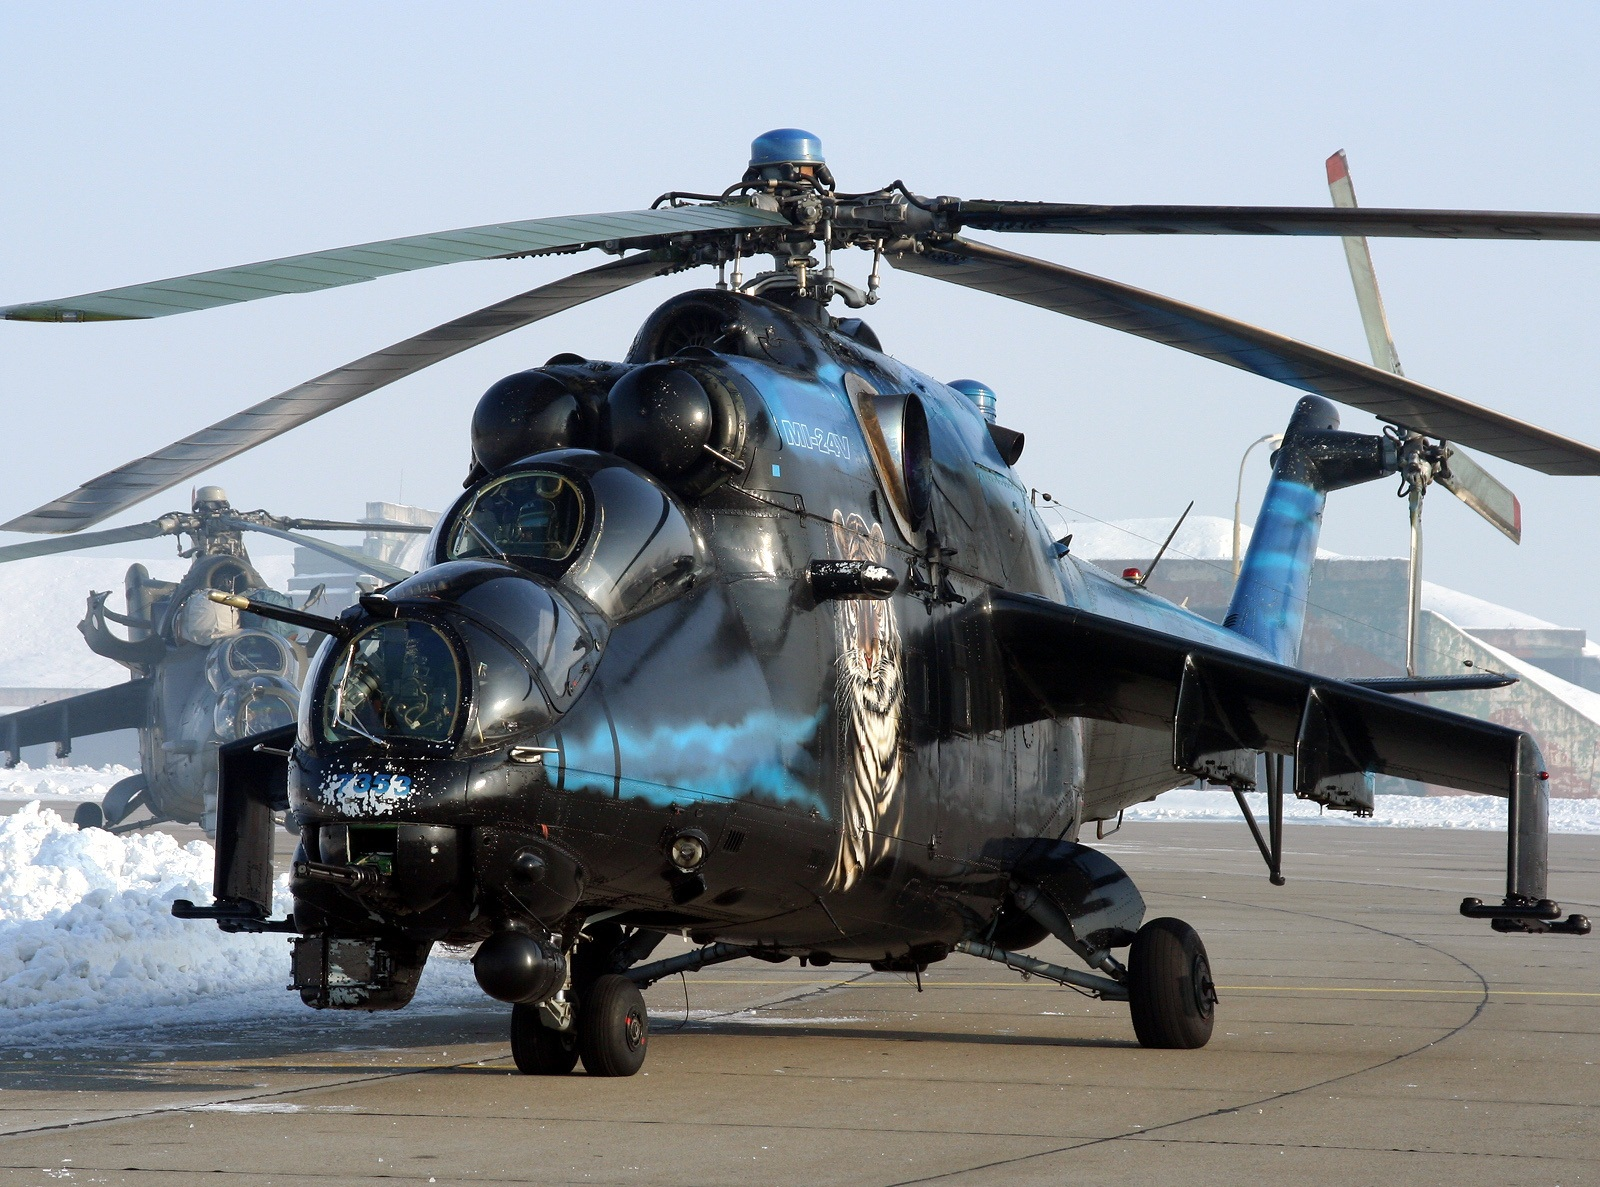 Mi-35M là phiên bản hiện đại hóa sâu trên cơ sở mẫu Mi-24V được phát triển bởi nhà máy Mil Moscow và do Rostvertol sản xuất từ năm 2005. Trong ảnh là trực thăng Mi-24V